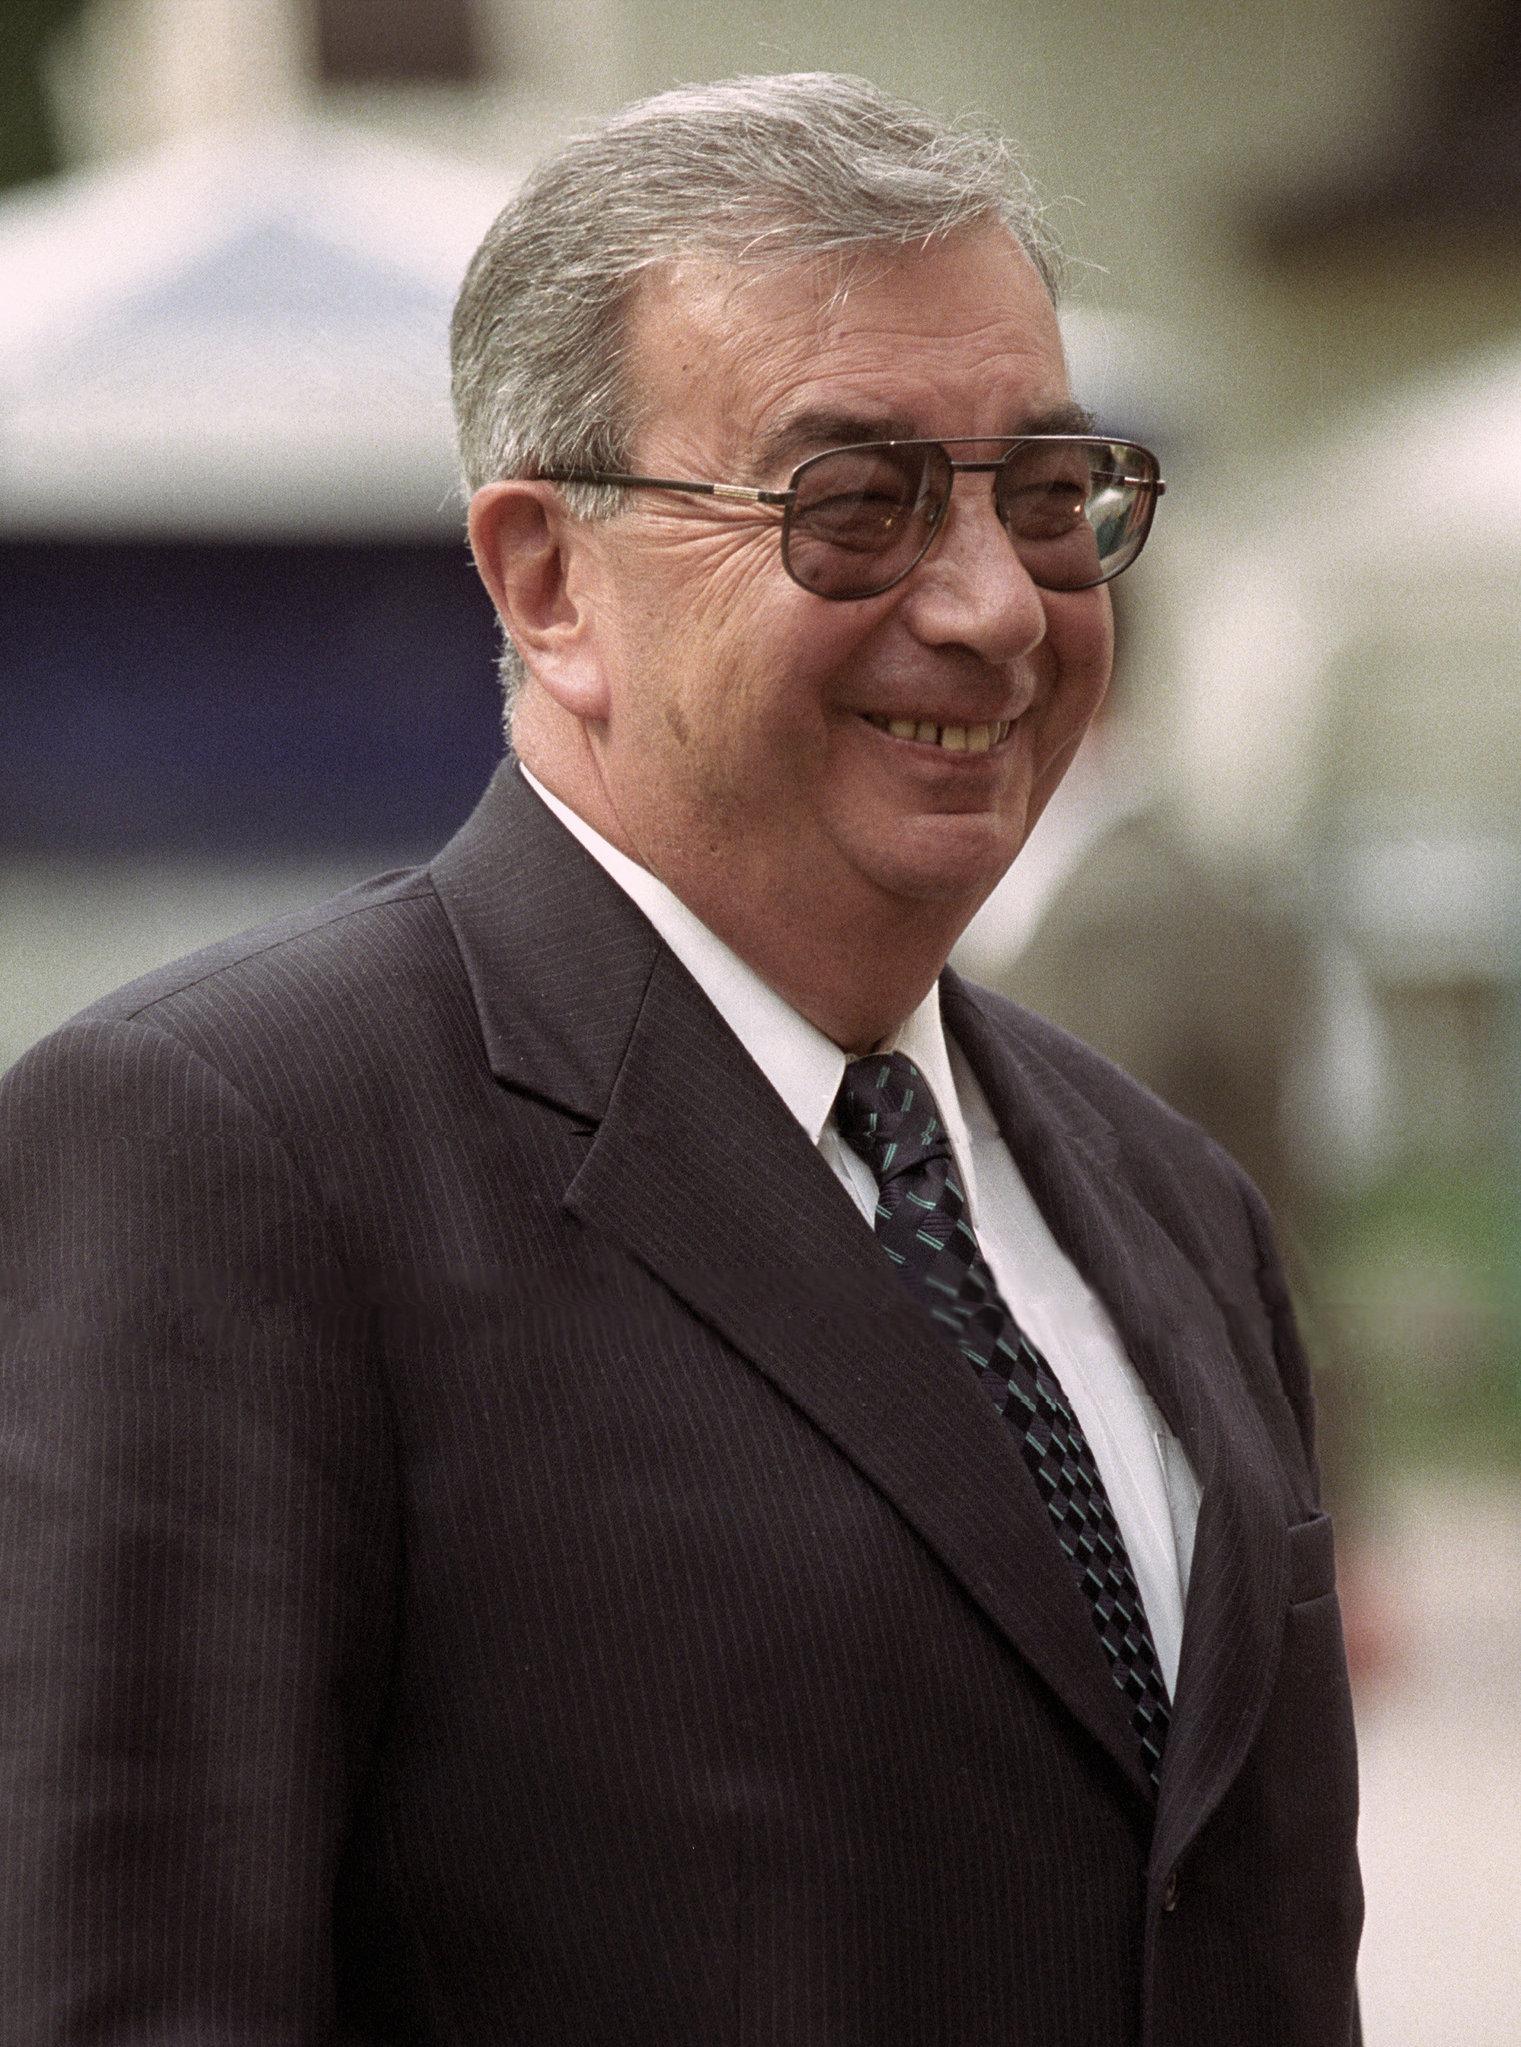 Evgenij Primakov (1929 - 2015), ministro degli affari esteri della Federazione Russa